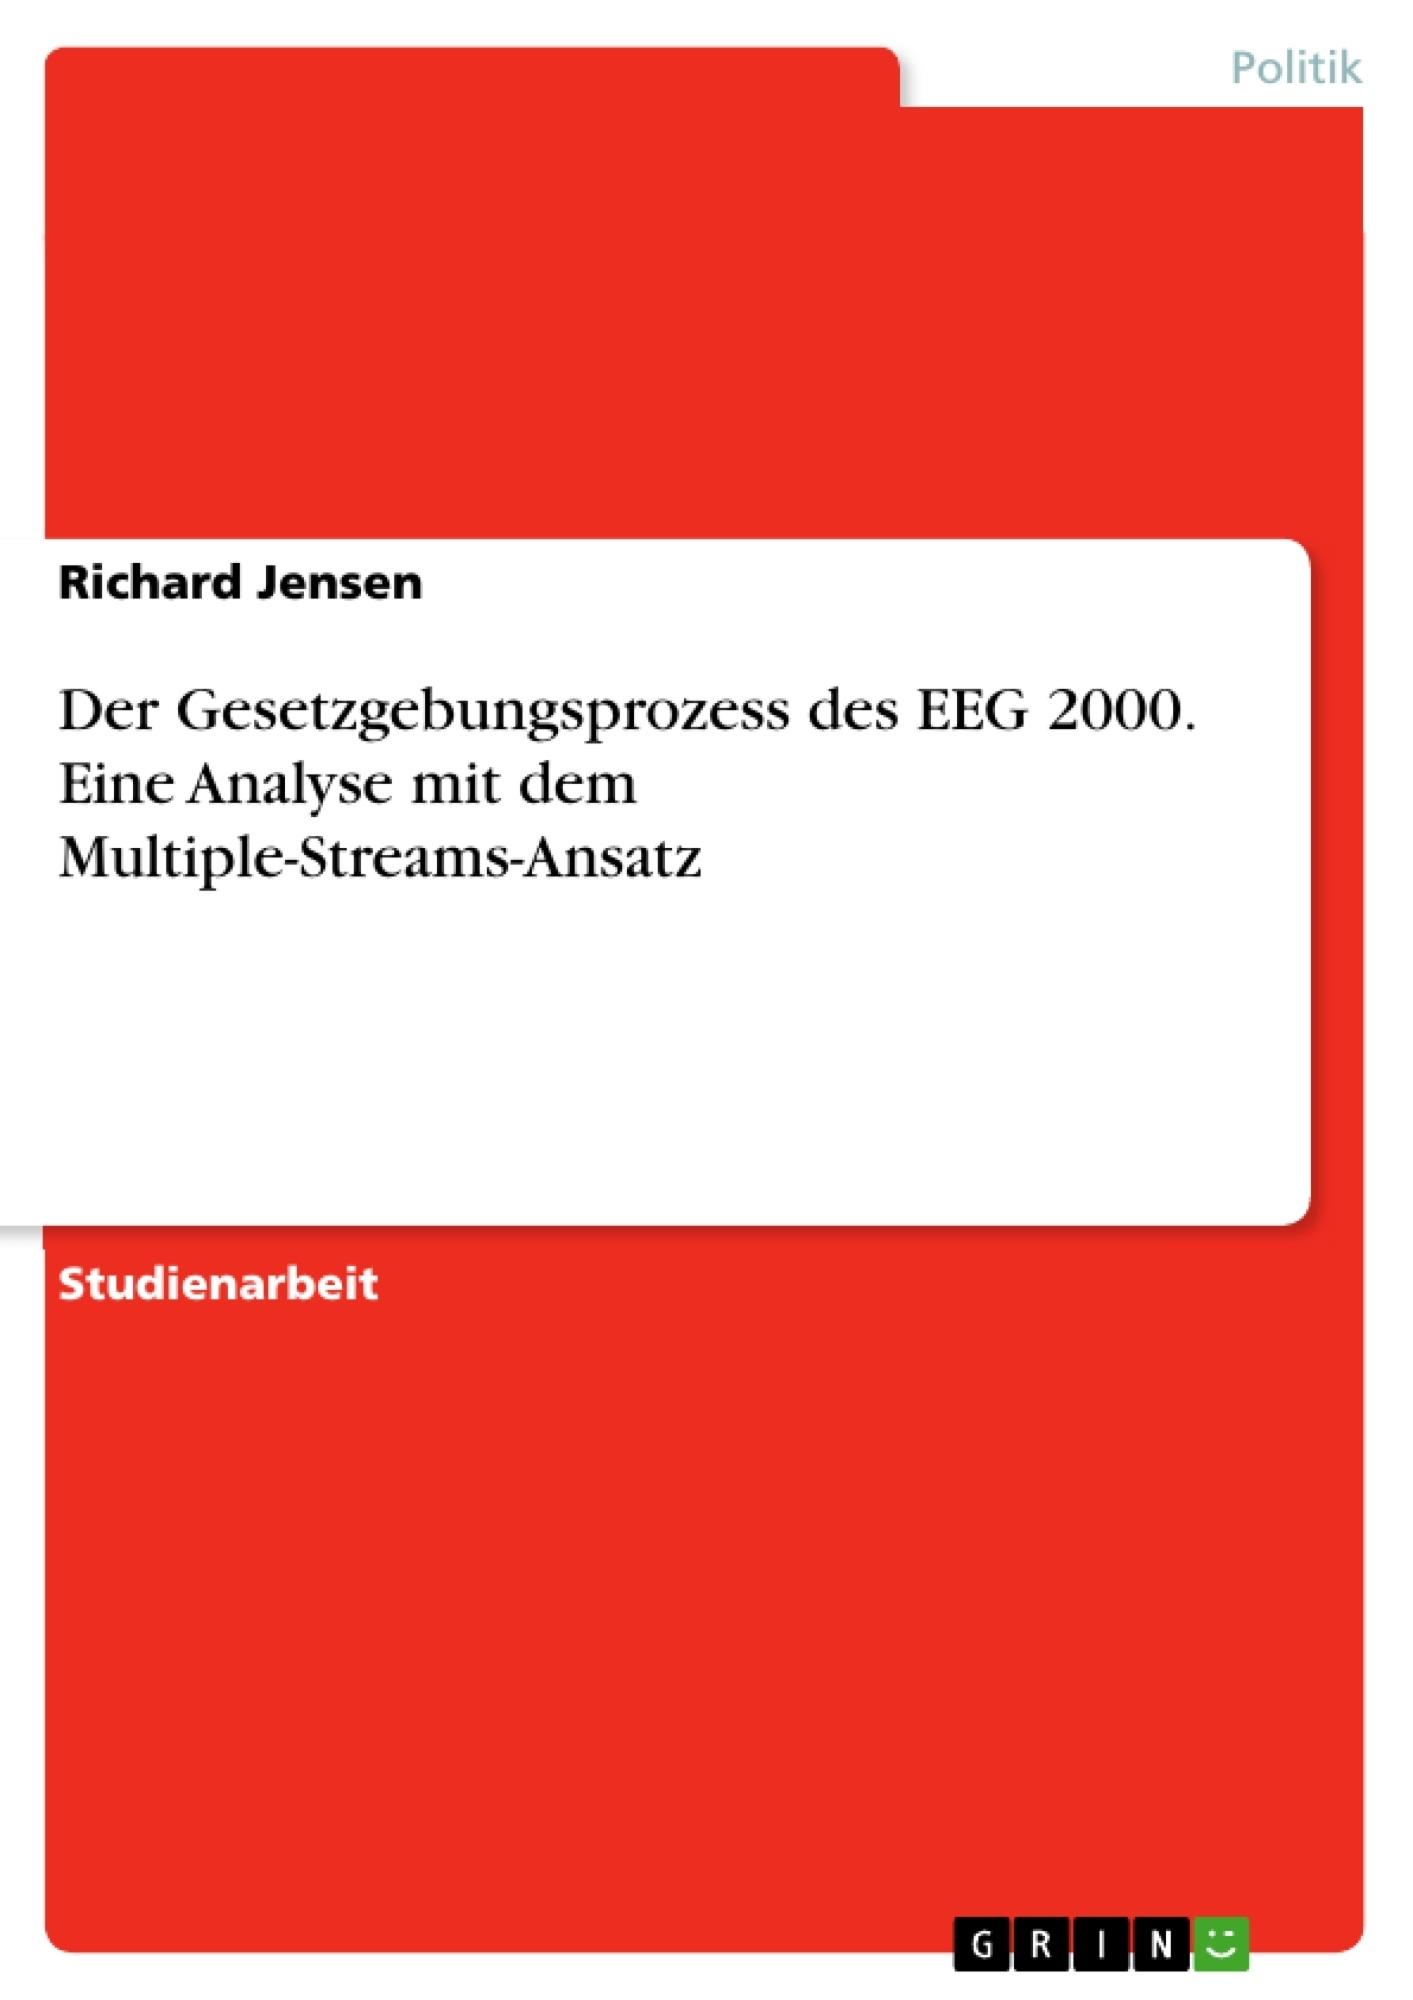 Titel: Der Gesetzgebungsprozess des EEG 2000. Eine Analyse mit dem Multiple-Streams-Ansatz